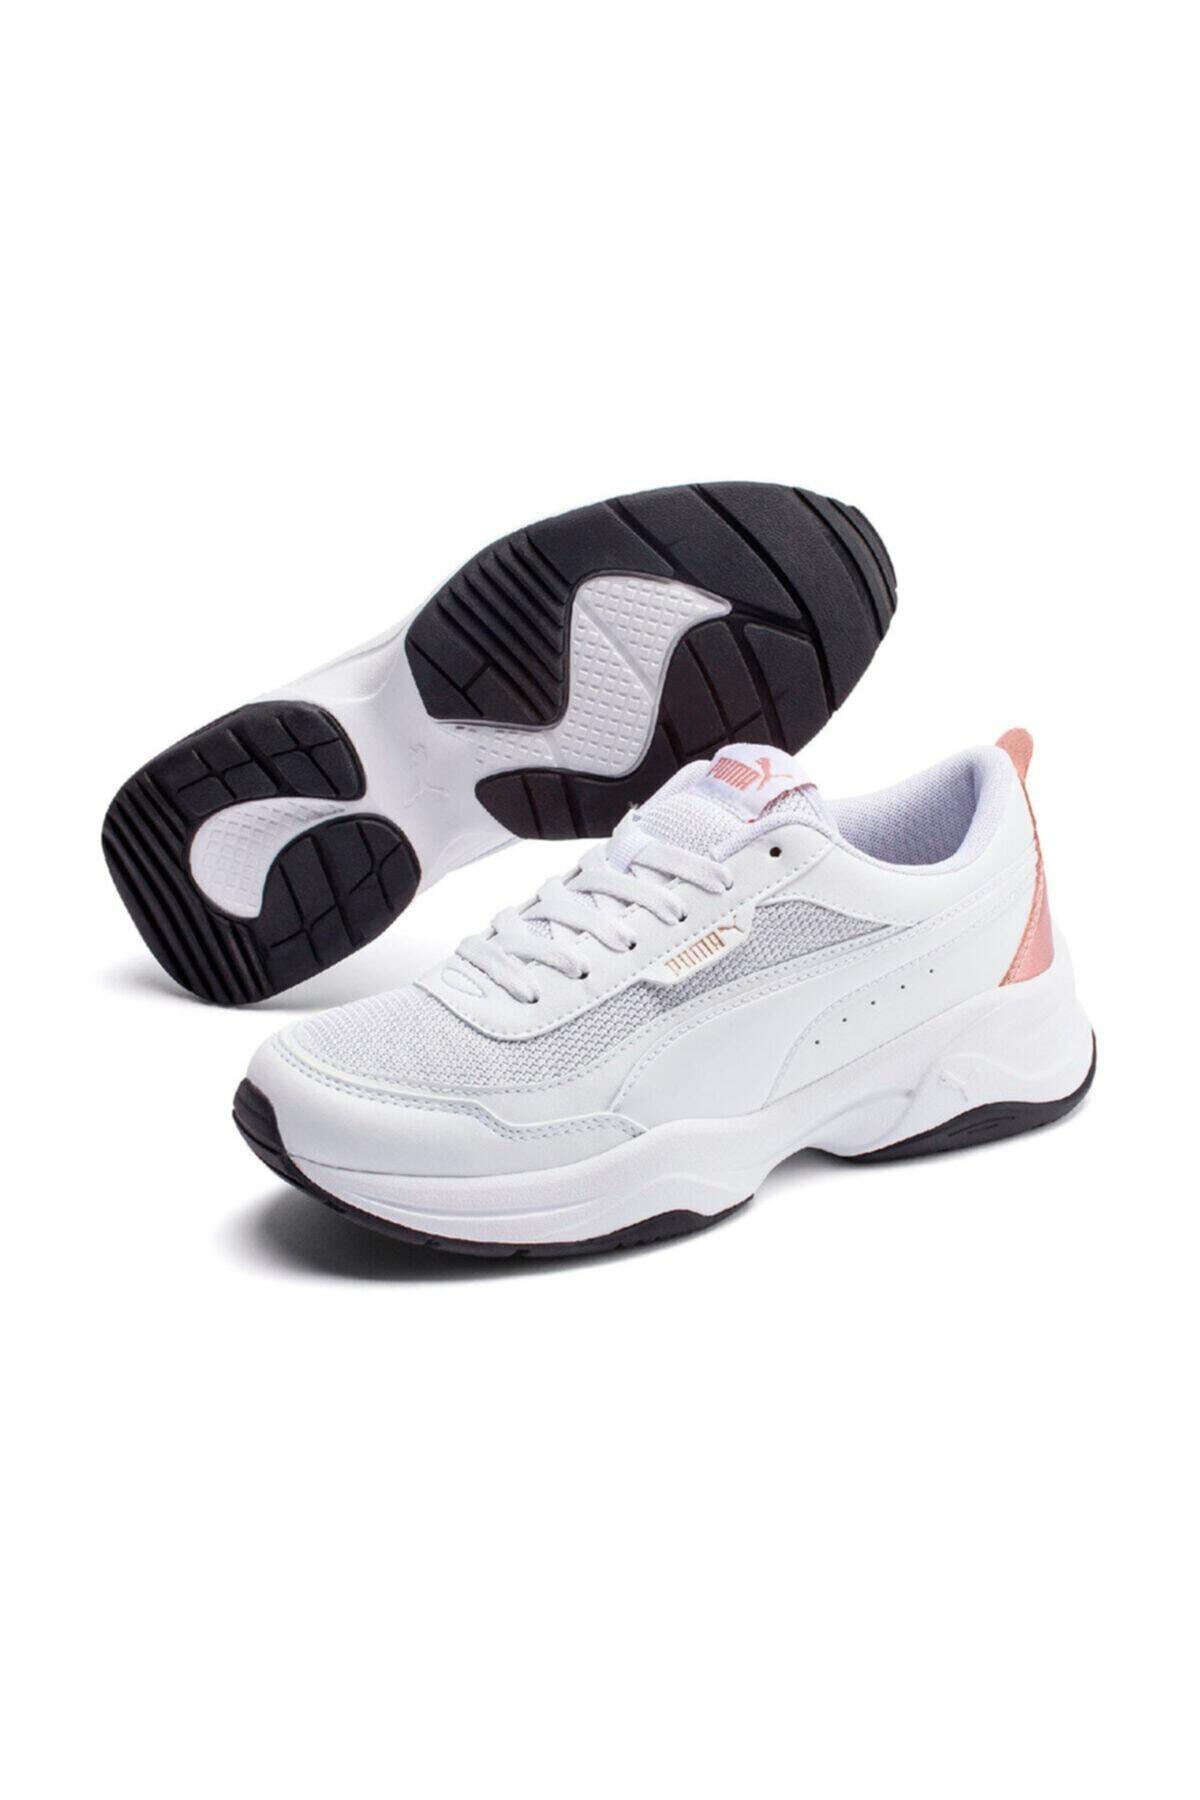 Puma CILIA MODE METALLIC Beyaz Kadın Sneaker Ayakkabı 101085361 1